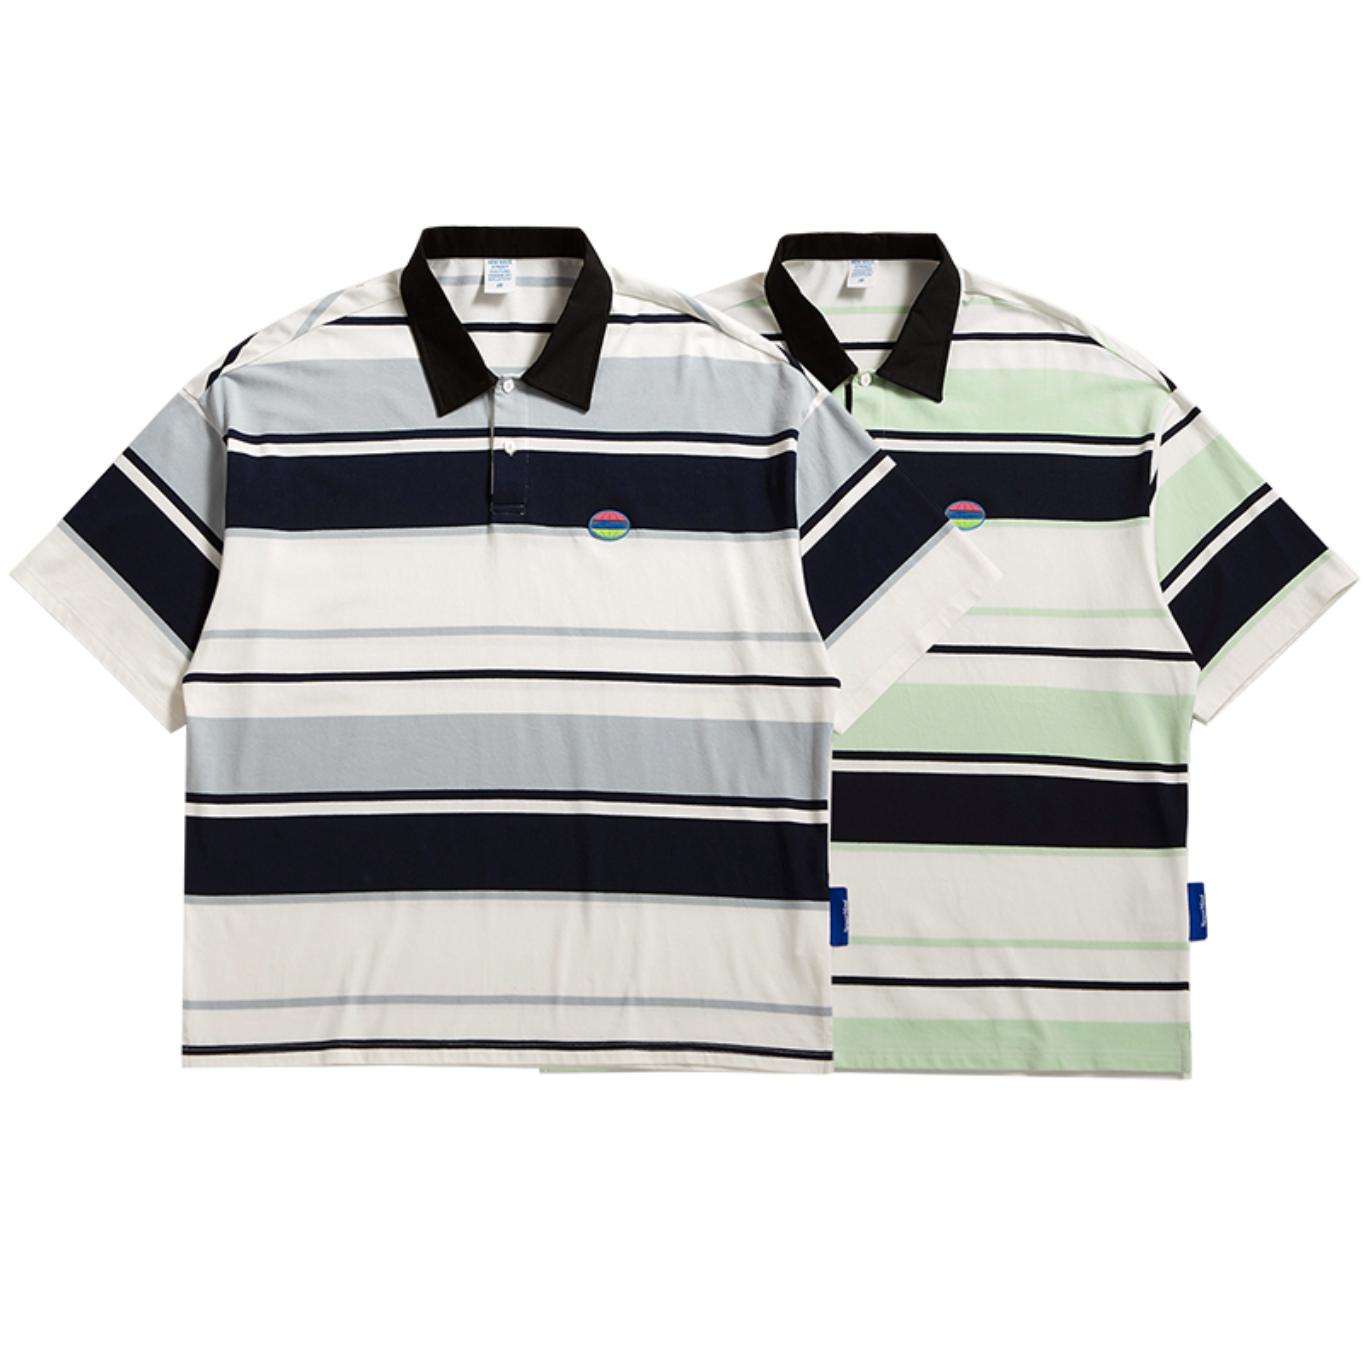 【UNISEX】ショートスリーブ ストリート ボーダー ポロシャツ【2colors】UN-A0182